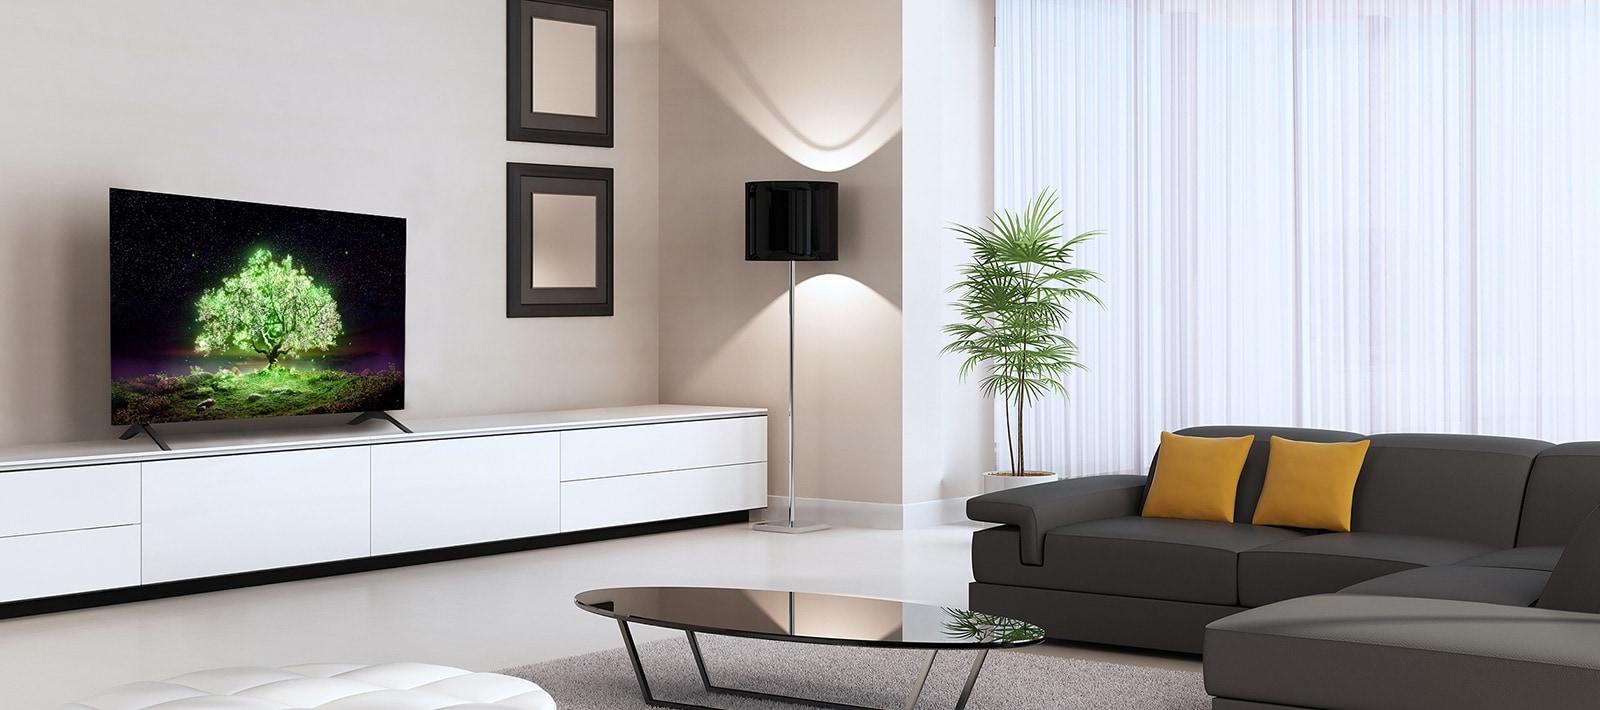 تلفزيون OLED A1 في غرفة معيشة جميلة. يمكنك رؤية صورة لشجرة خضراء متوهجة على شاشة التلفزيون.